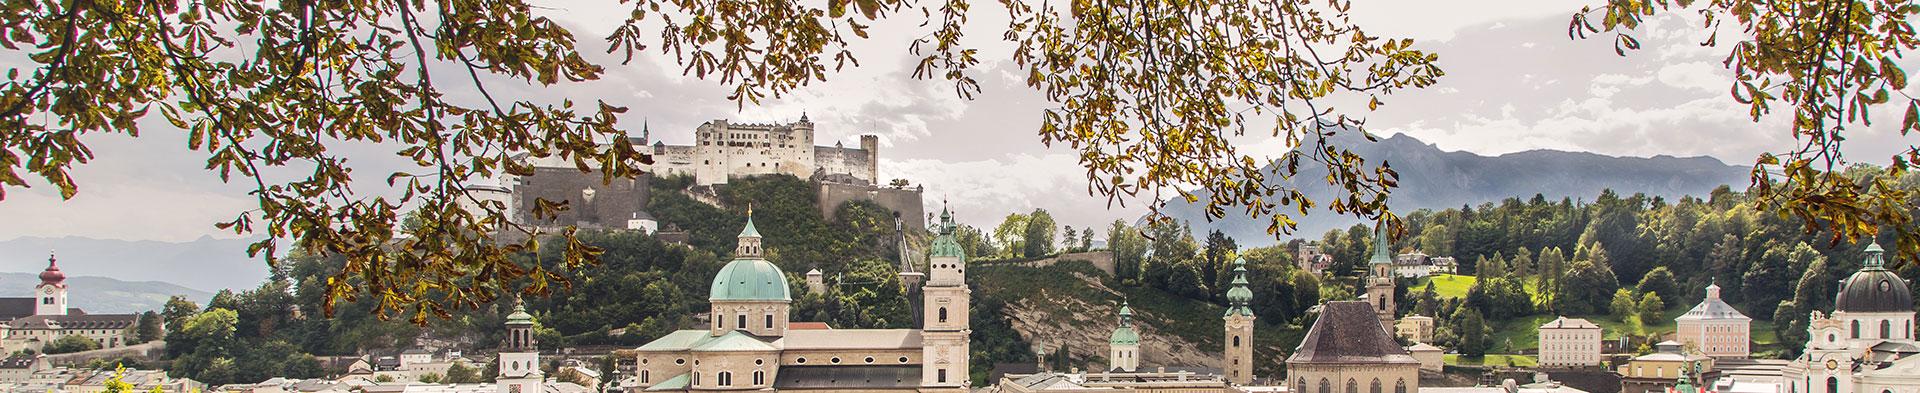 Ausflugsziel Altstadt Salzburg